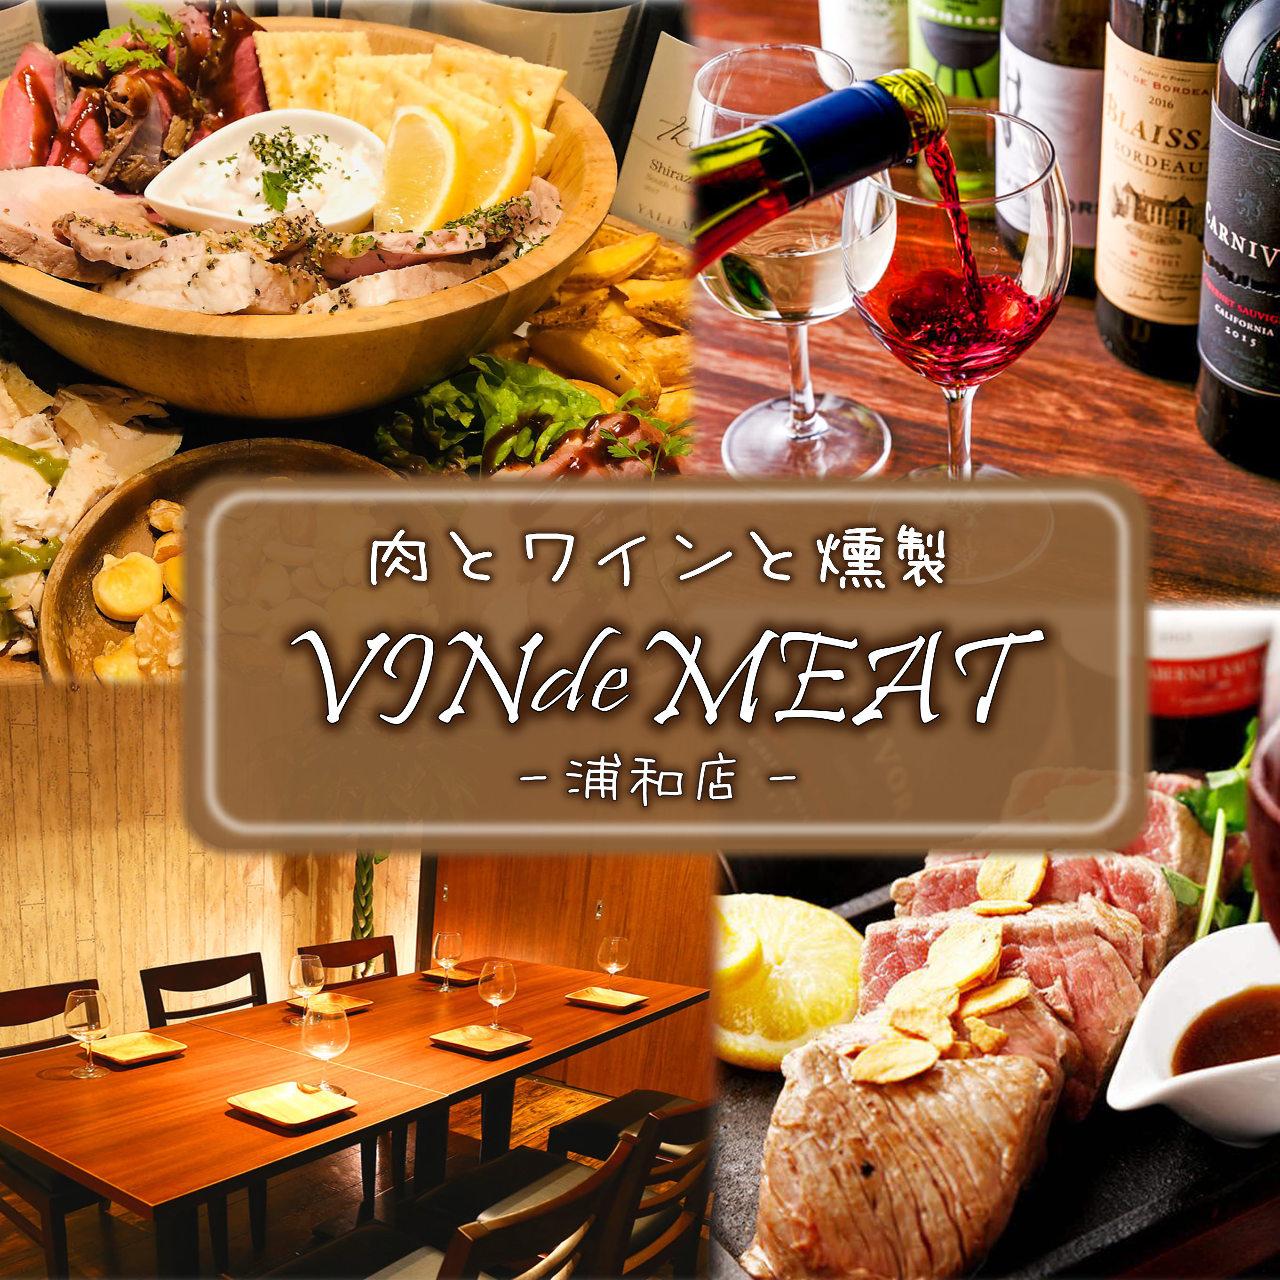 全席個室 肉バル居酒屋 ヴァンデミート 浦和店のイメージ写真